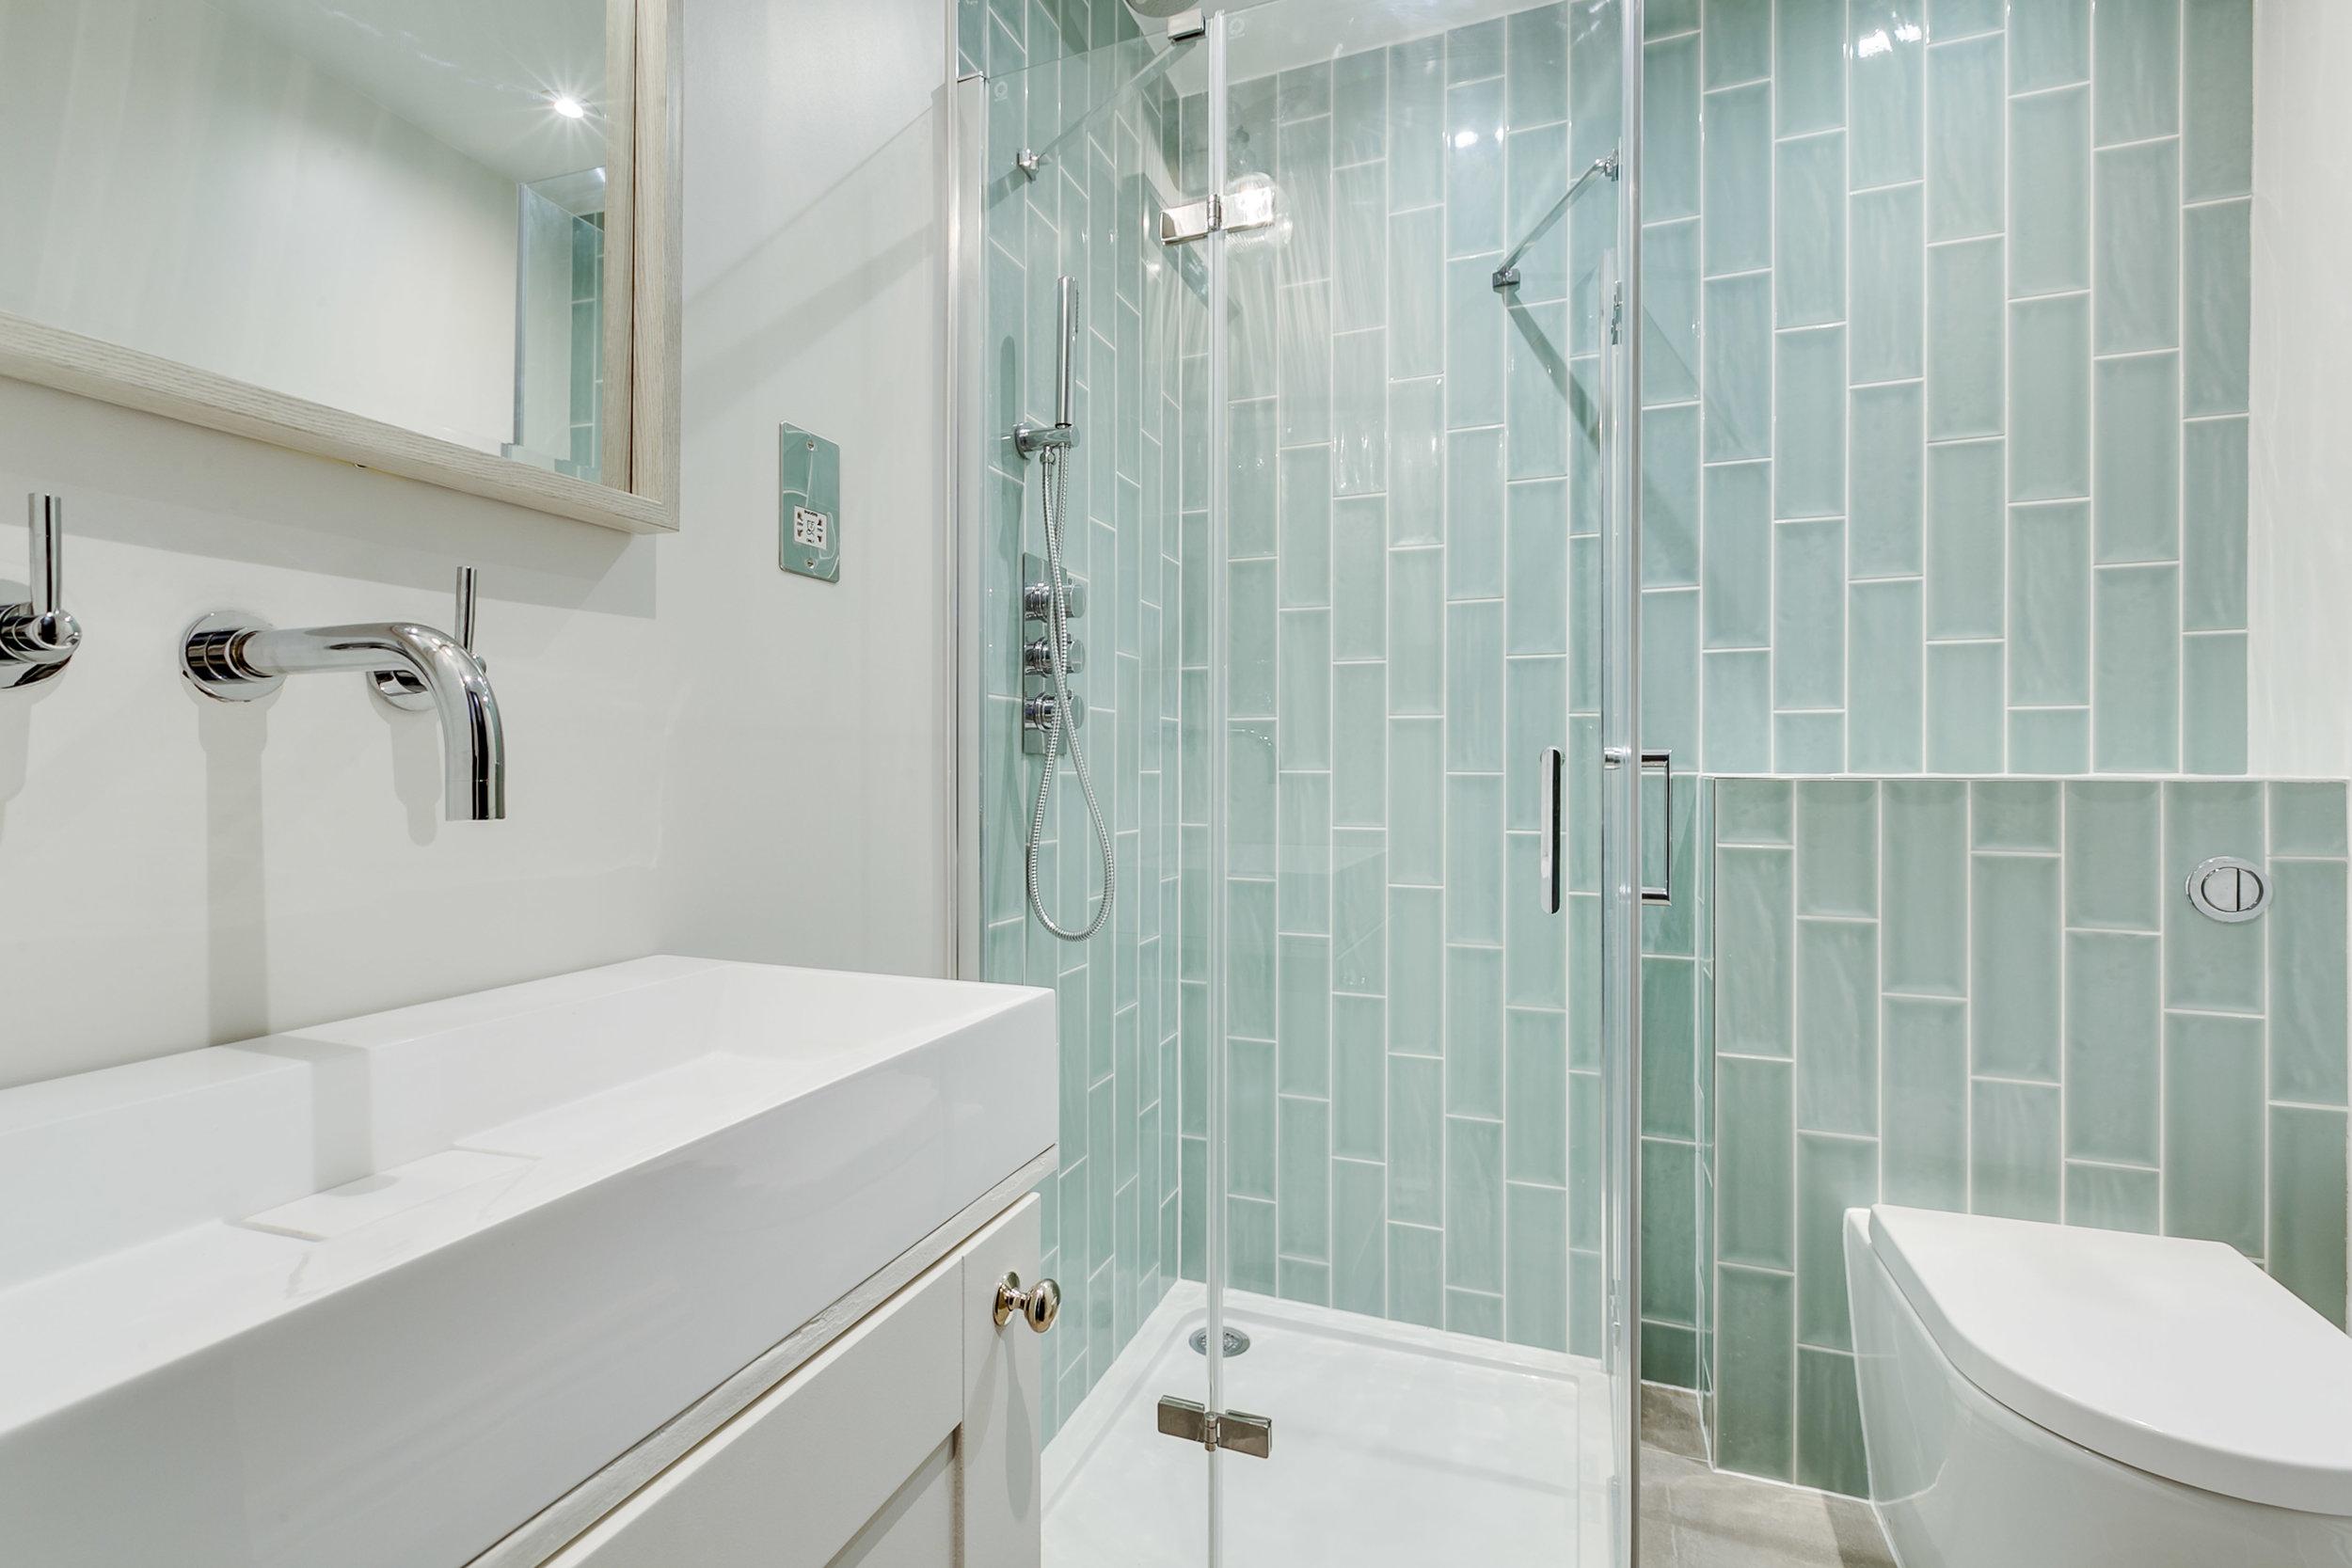 A_Bathroom 1.jpg